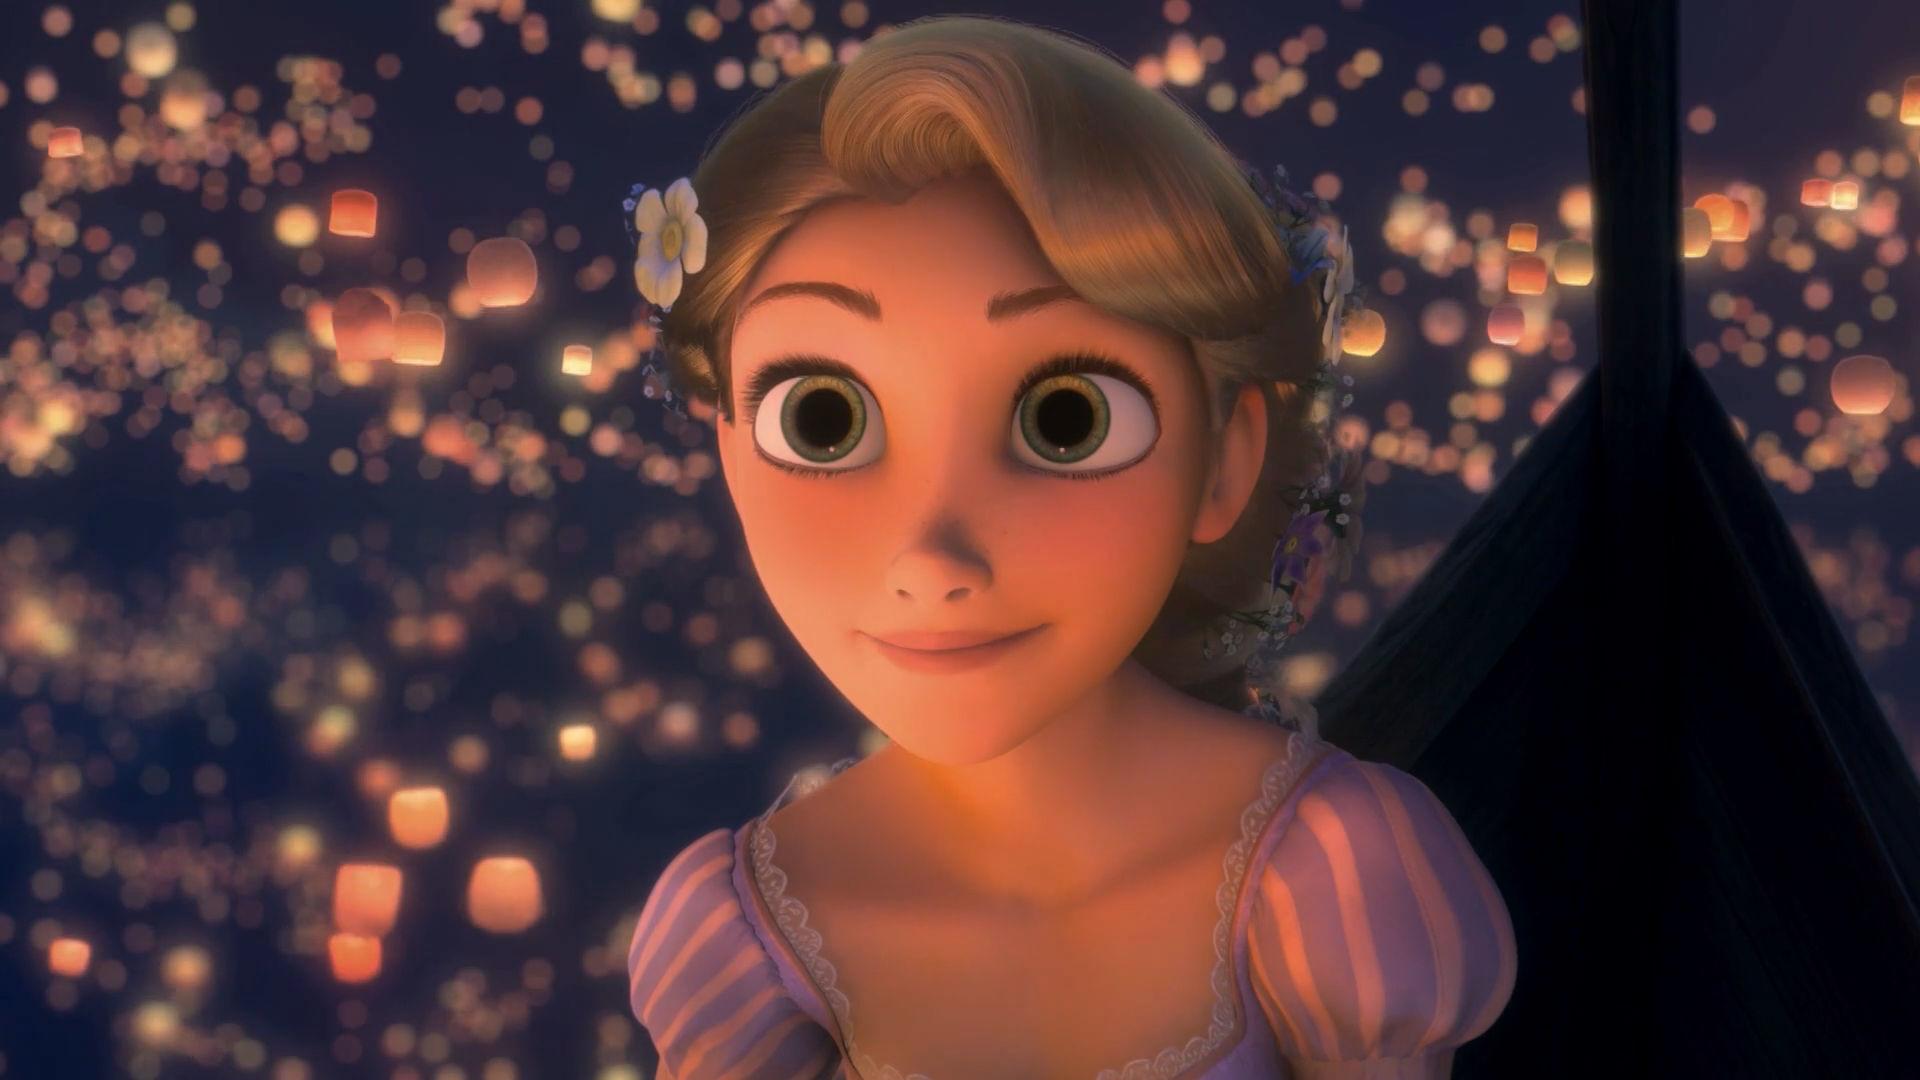 Dream Big, Princess | I Dream